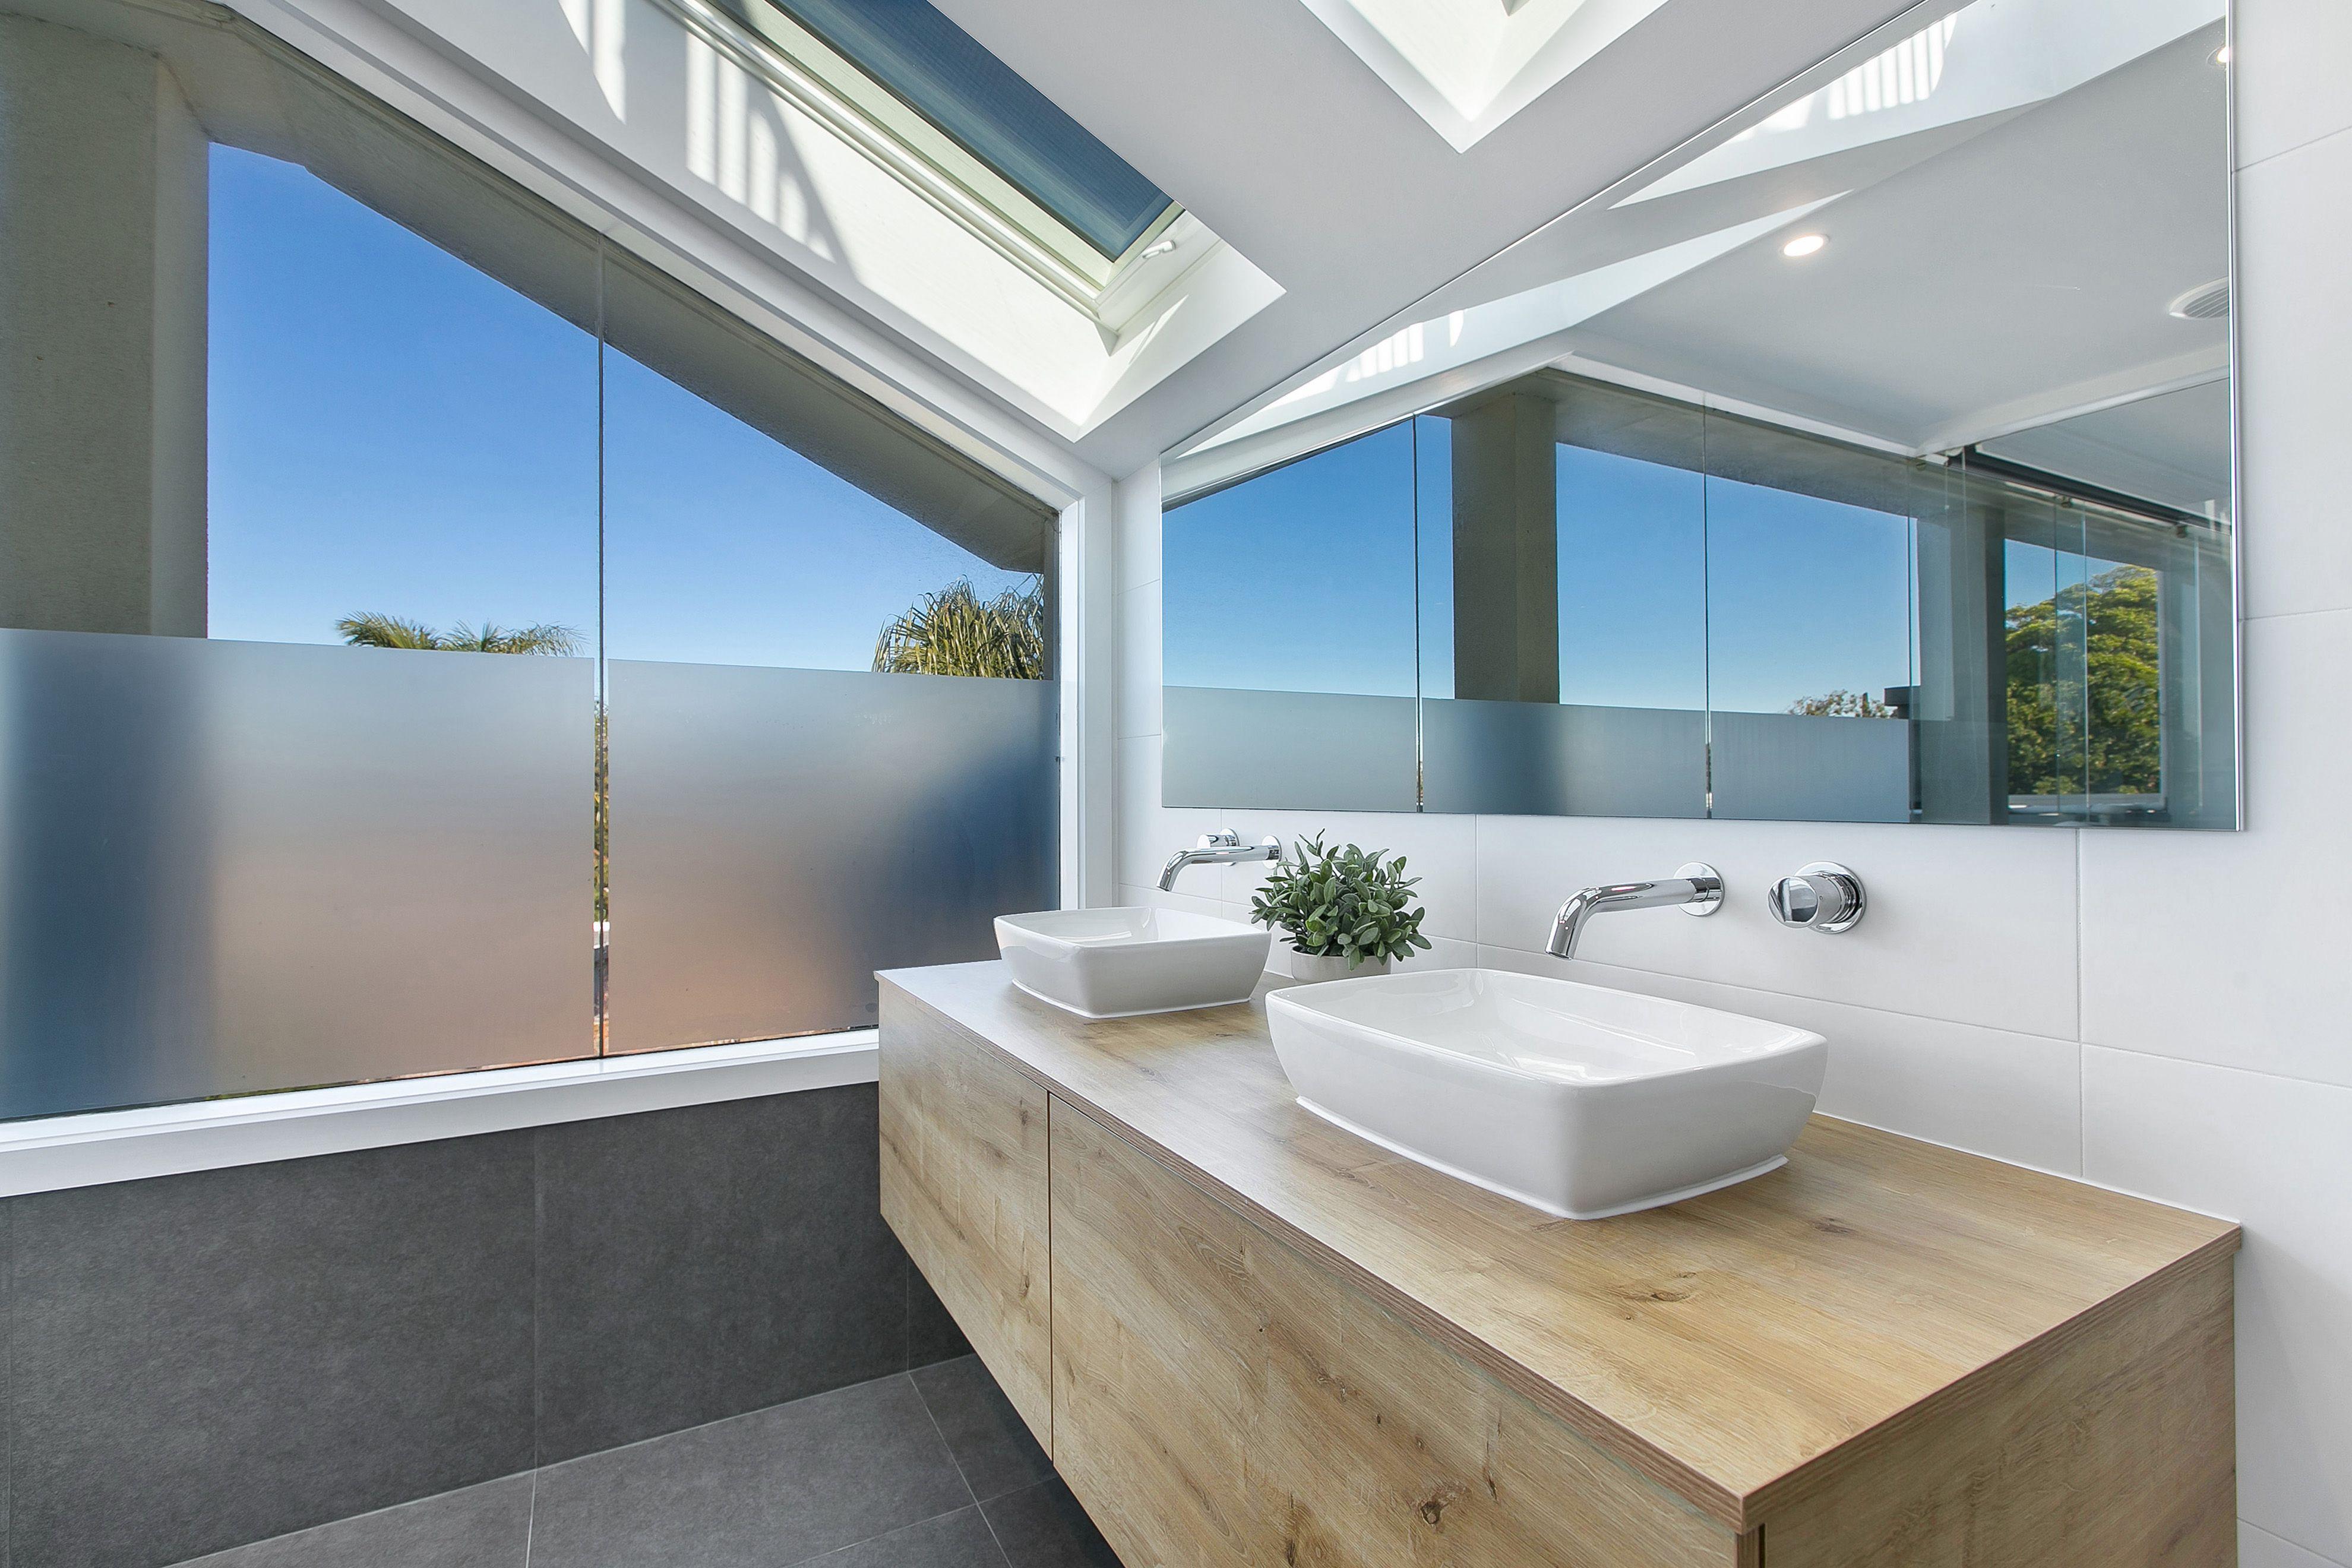 Bathroom Renovation - Designed by Teresa Kleeman - Embracing Space ...